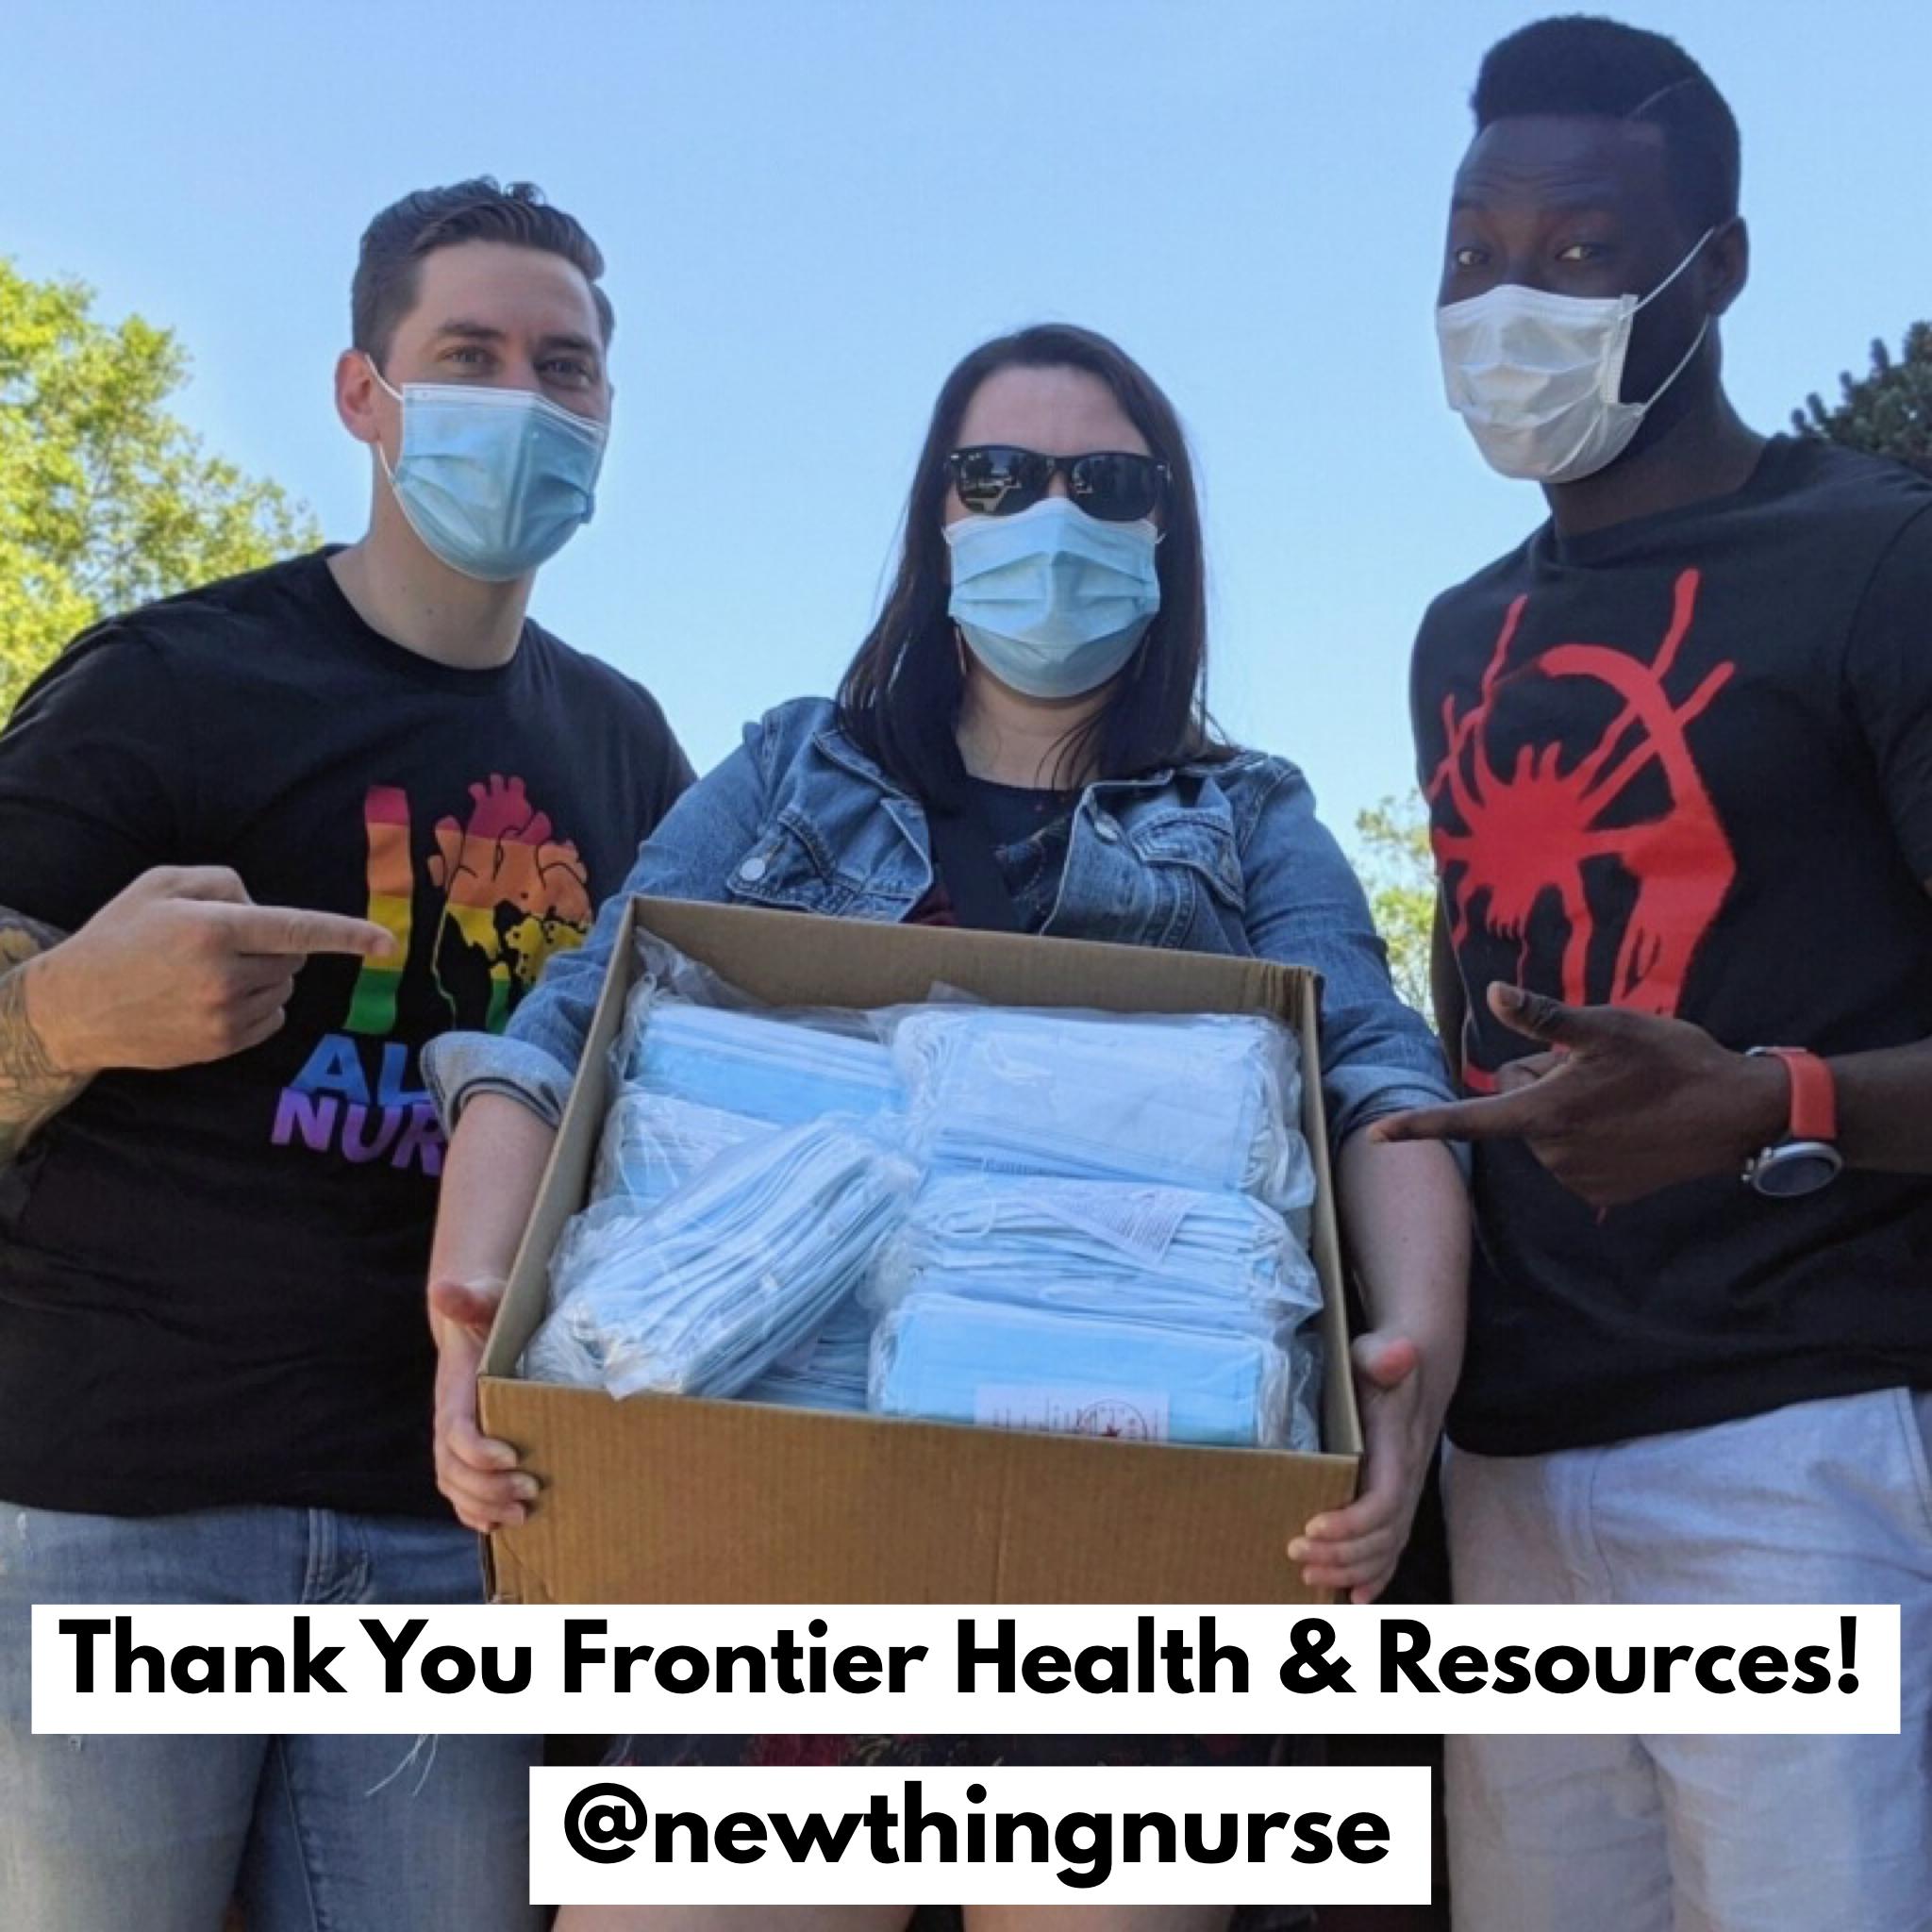 2020年4月6日:乔伊·费里(Joey Ferry),注册护士和来自前沿健康解决方案(Frontier Health Solutions)的注册护士道菲基·加法-沙纳(Taofiki Gafar-Schaner)捐赠了500多个医用口罩给New 必威博彩app下载Thing护士个人防护装备护理包项目!点击图片阅读更多内容!